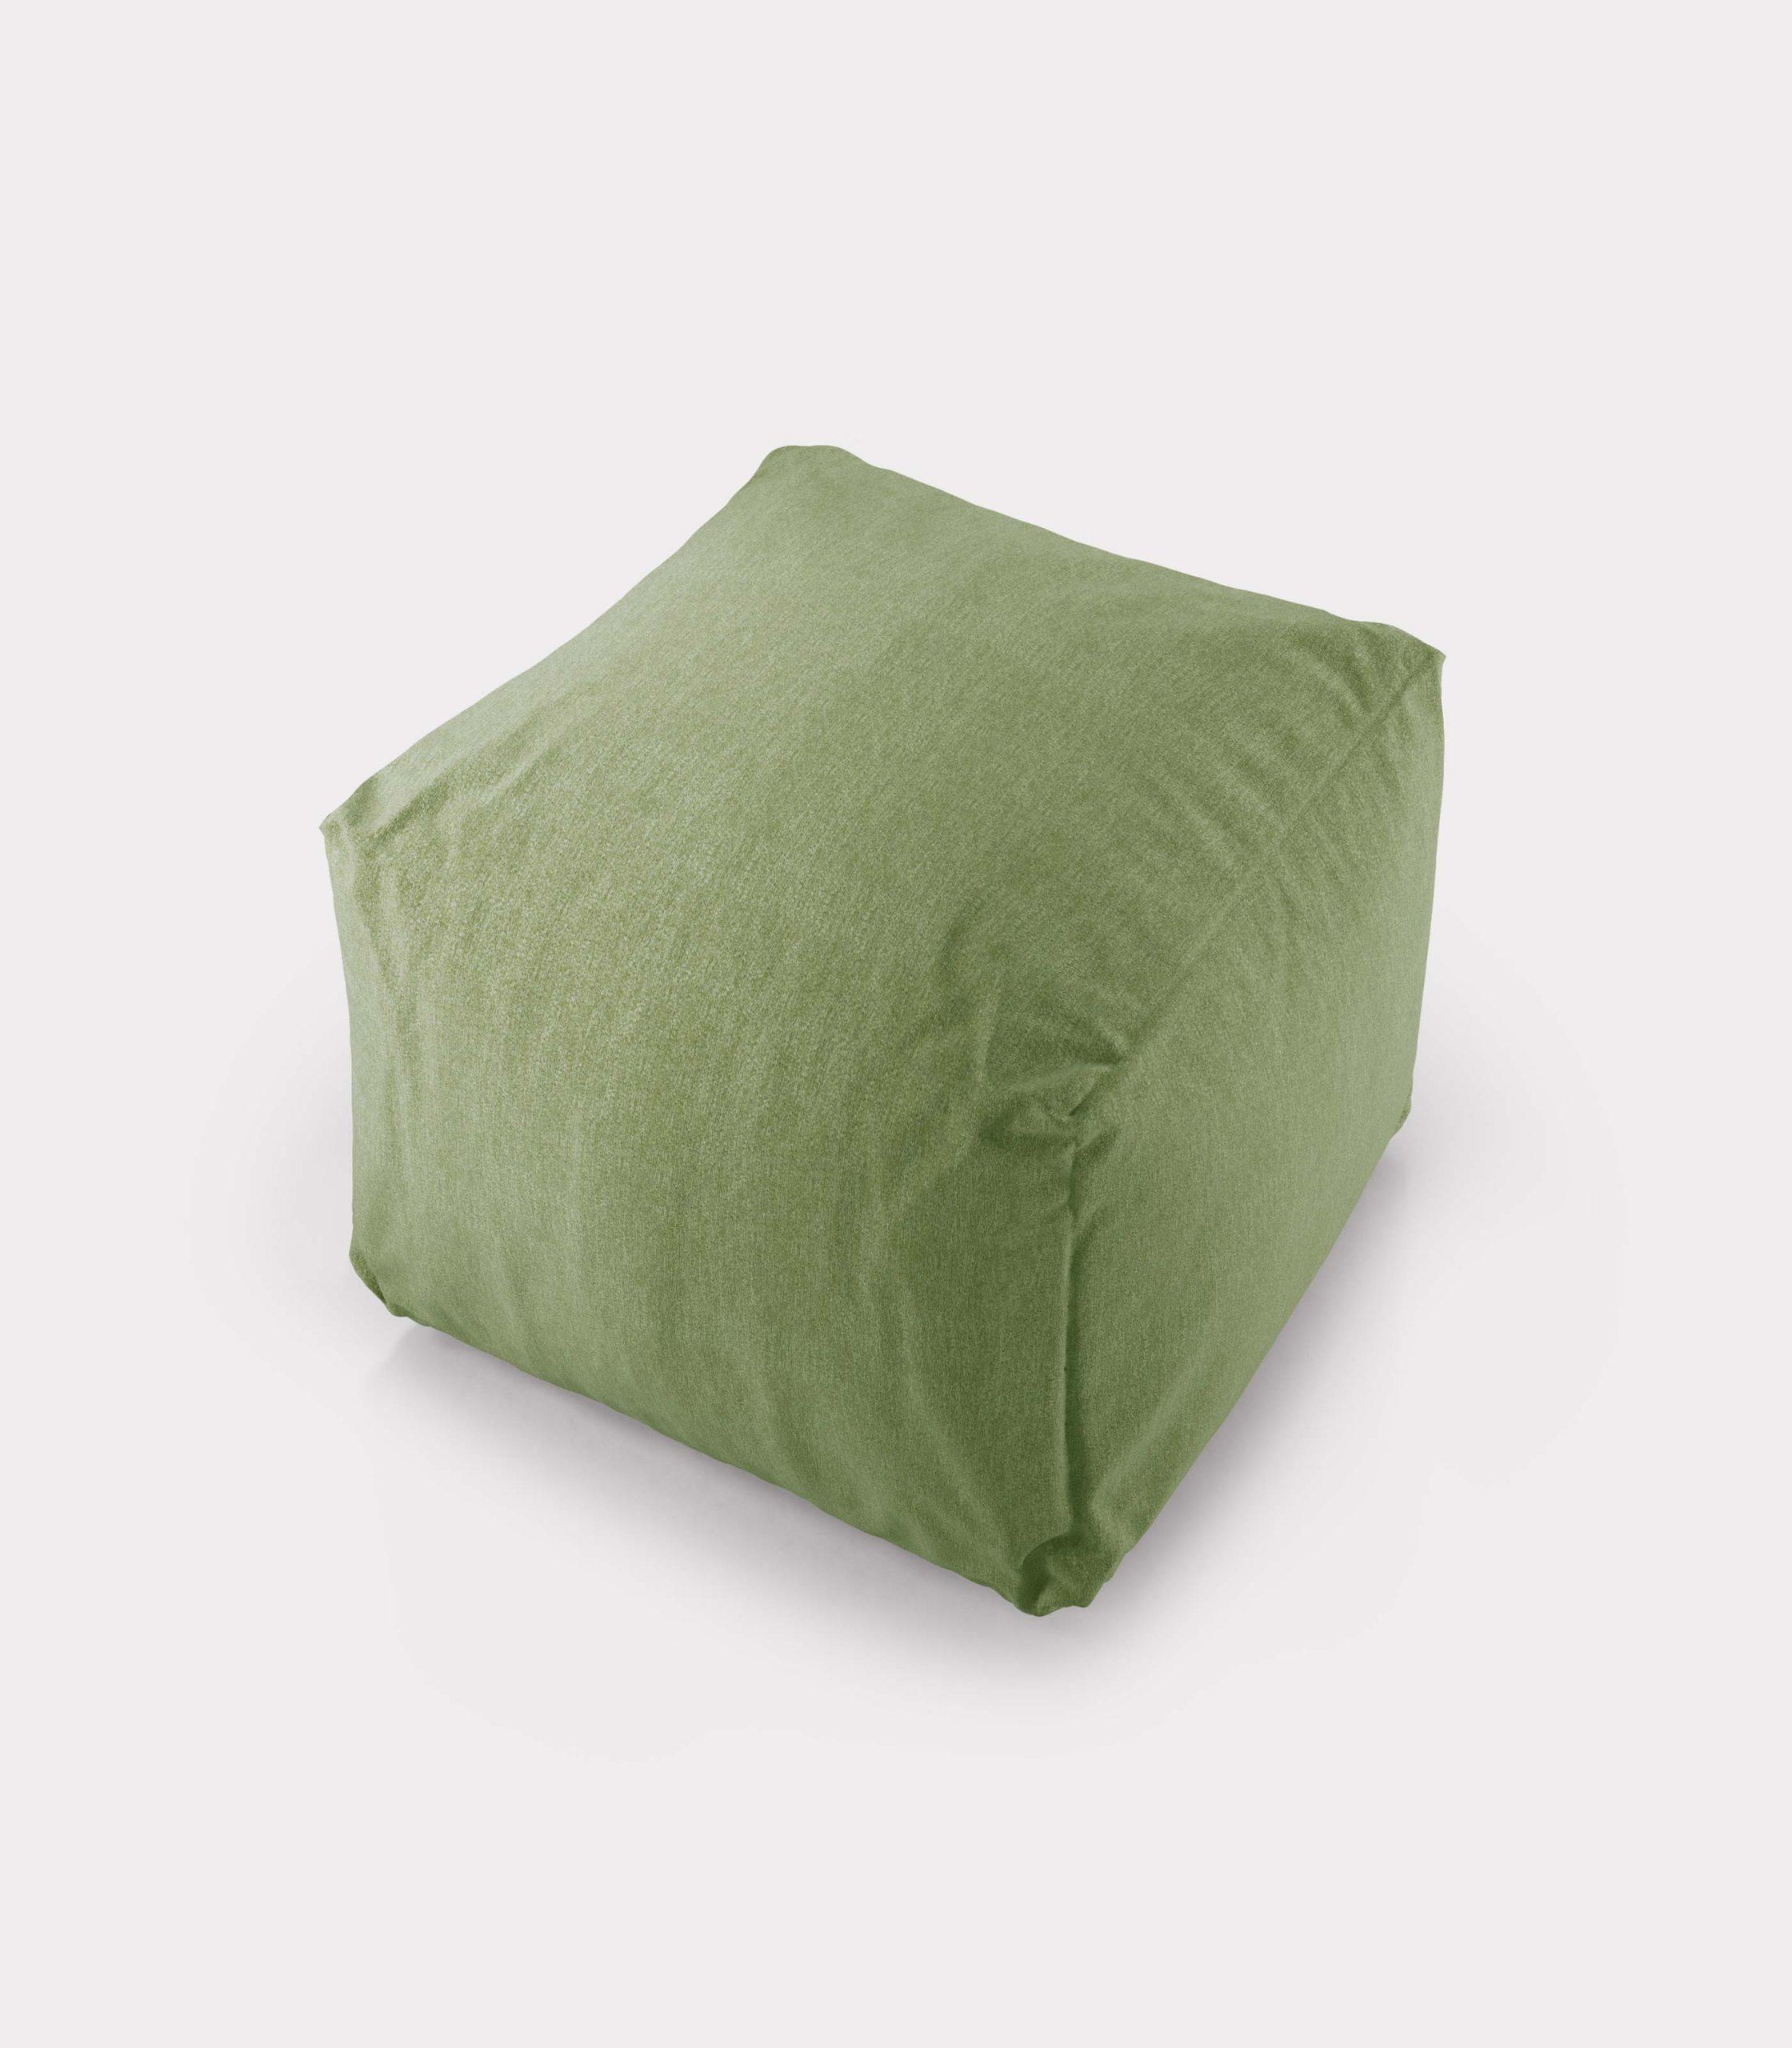 Polystyrene green pouf loopo milan design A